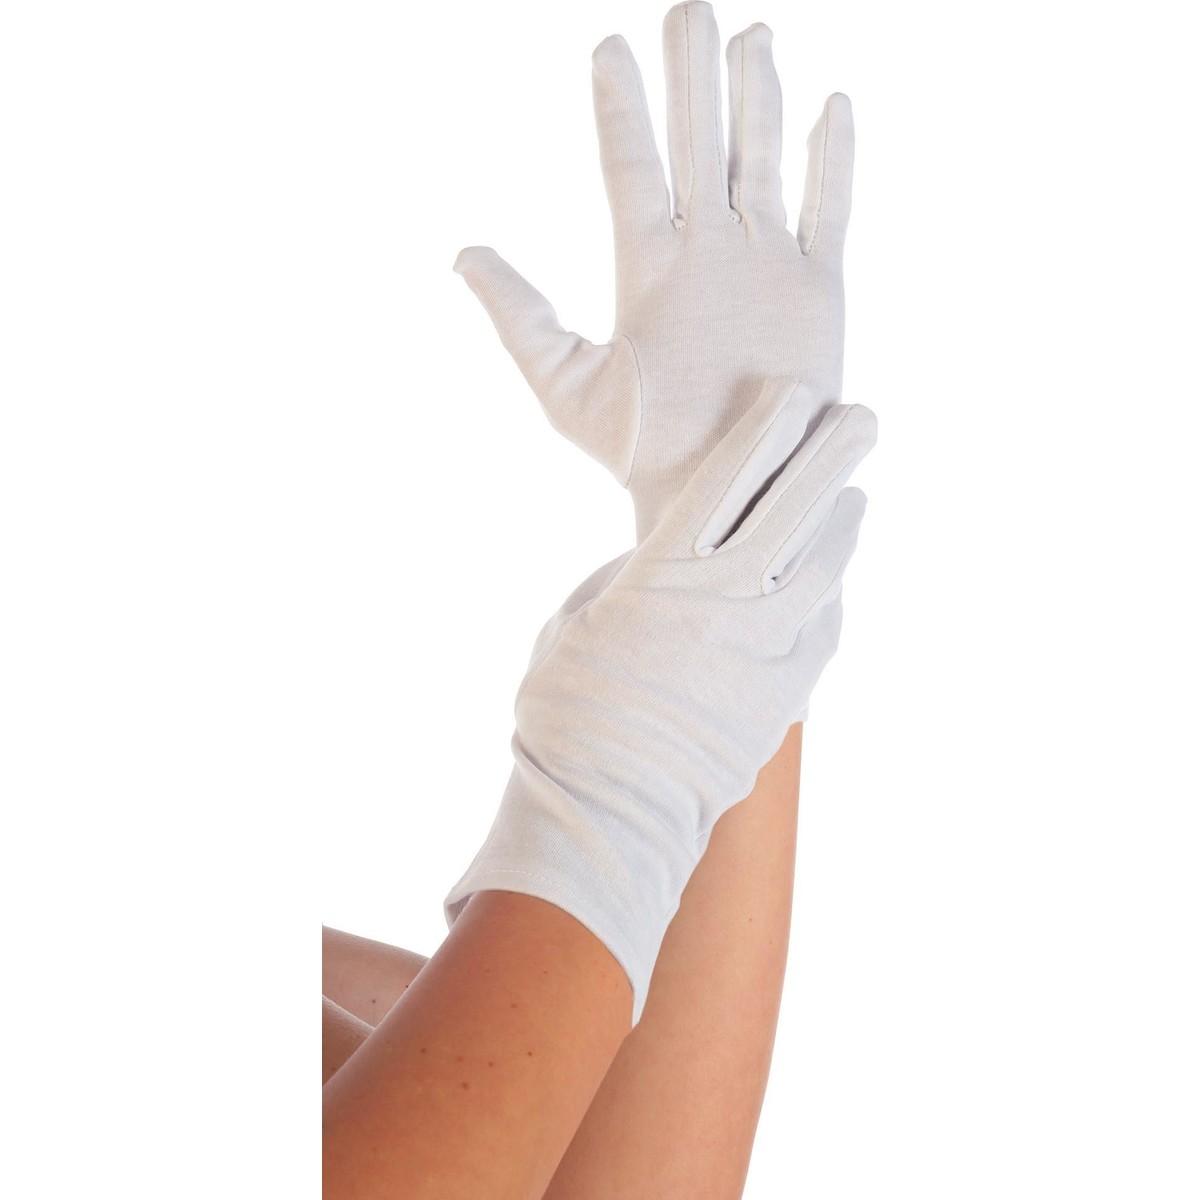 Baumwollhandschuh weiß Größe S